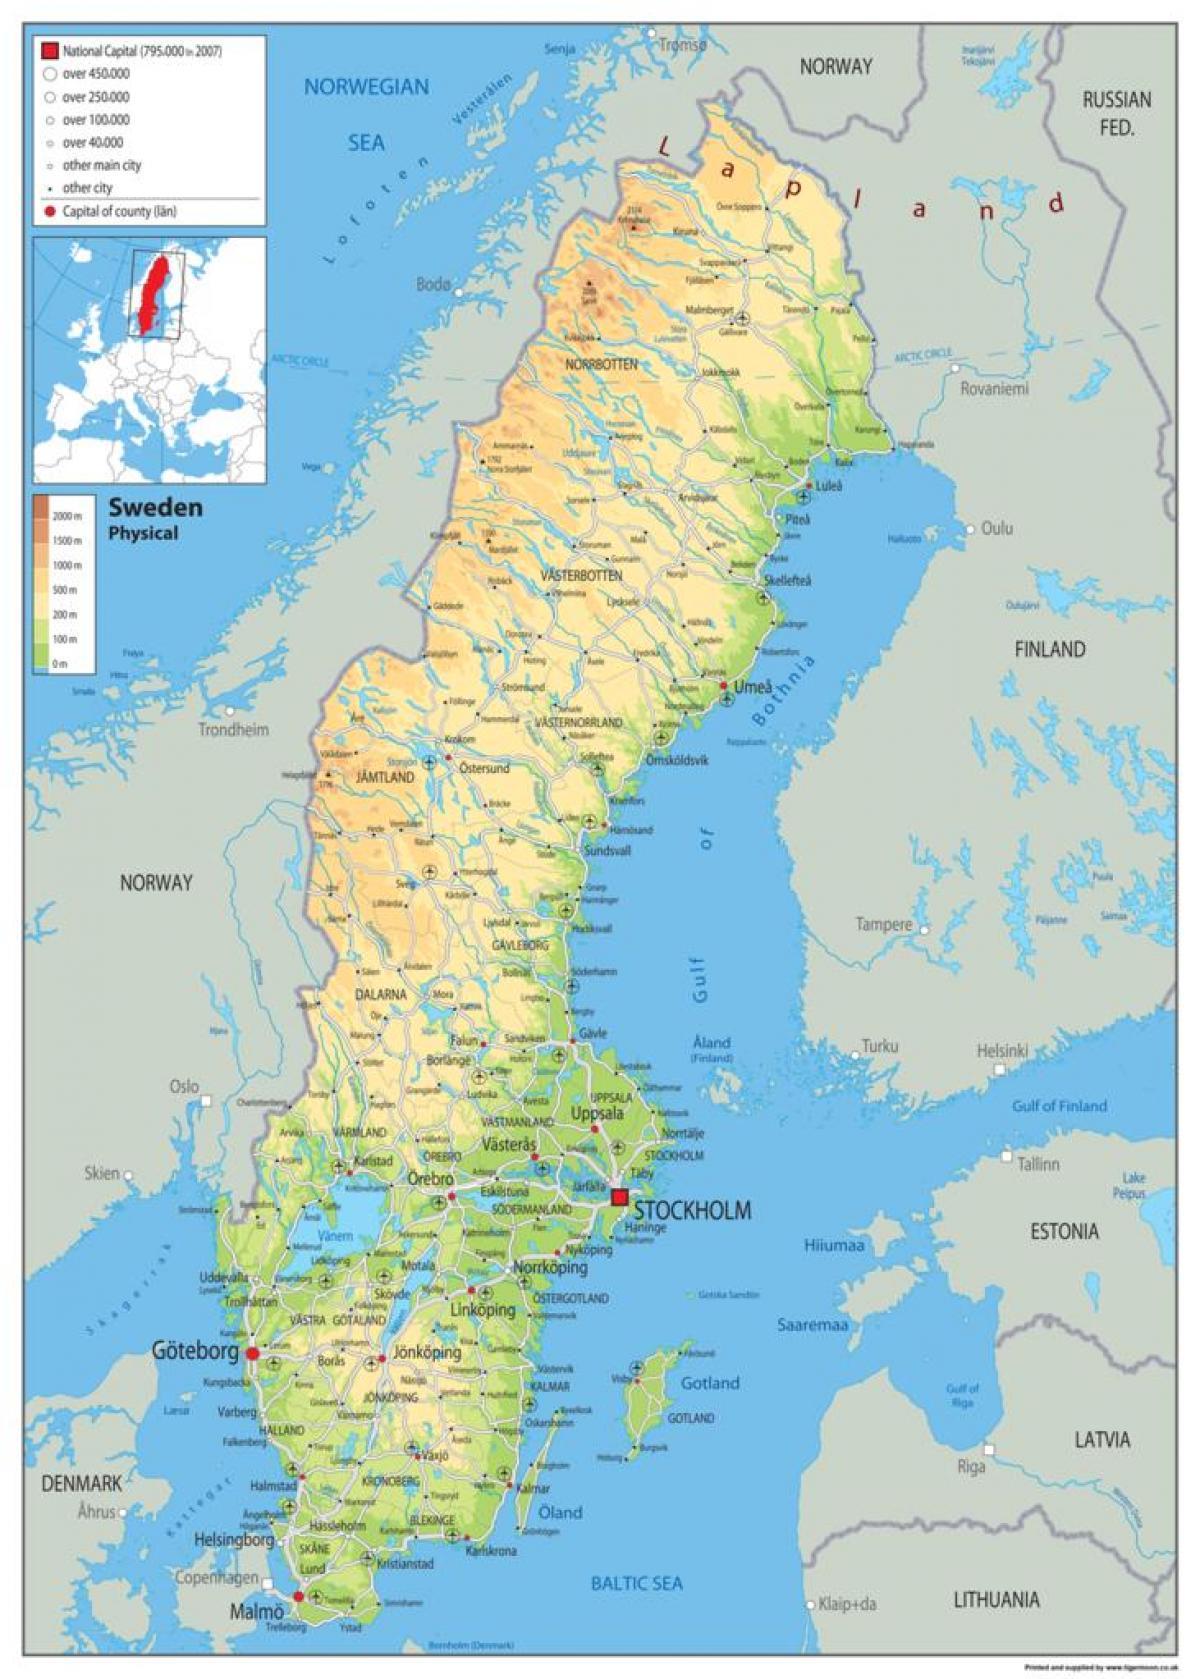 Szwecja Fizyczna Mapa Fizyczna Mapa Szwecji Europa Polnocna Europa